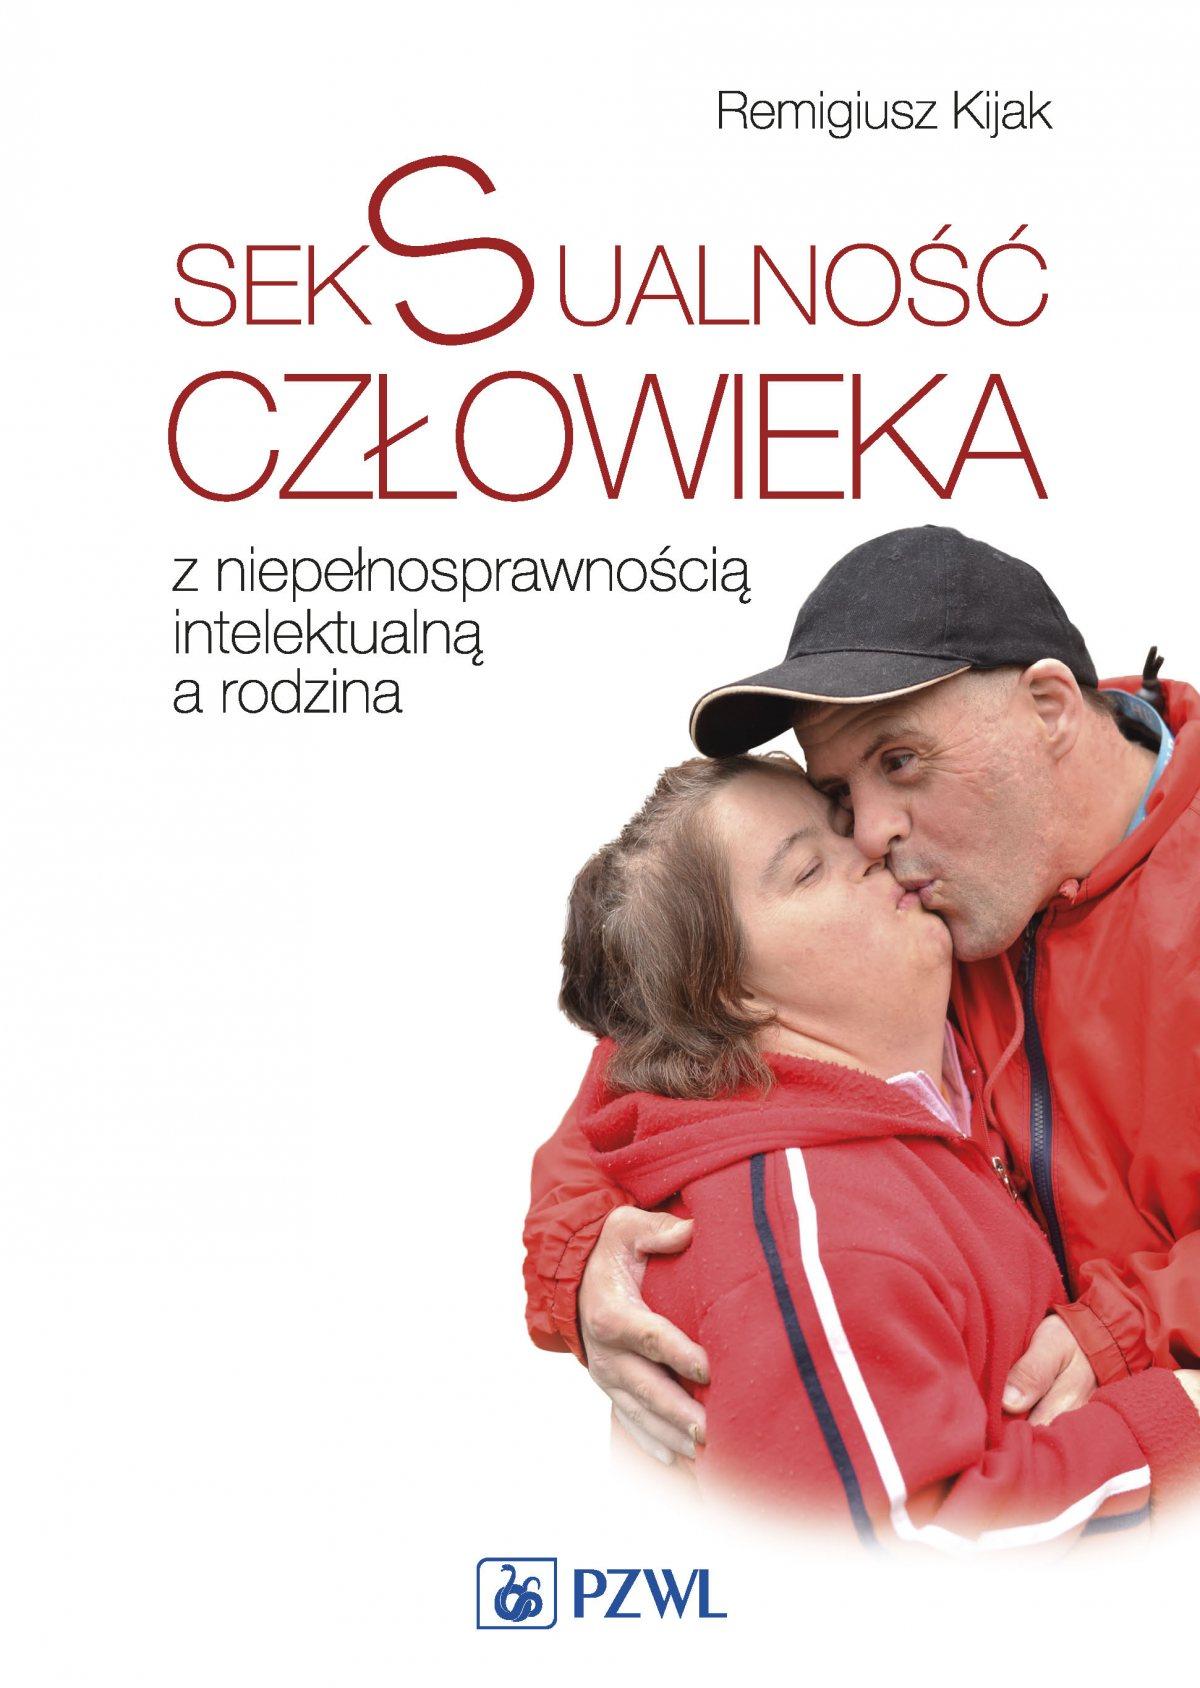 Seksualność człowieka z niepełnosprawnością intelektualną a rodzina - Ebook (Książka na Kindle) do pobrania w formacie MOBI